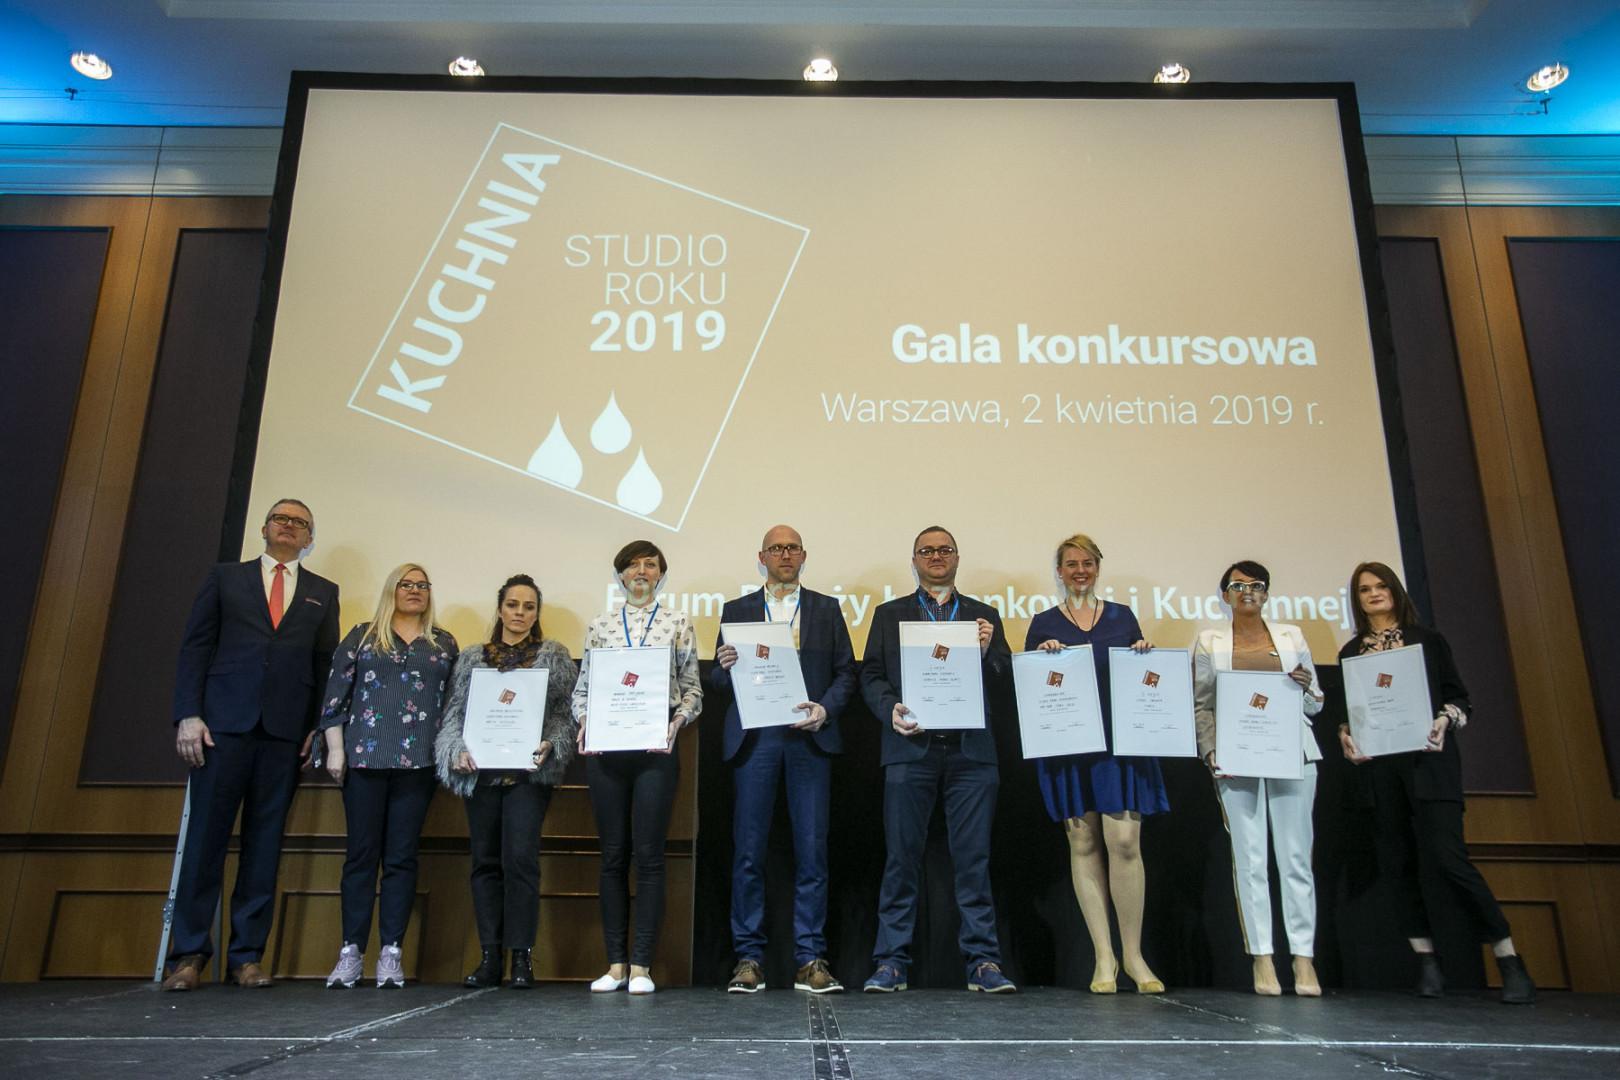 Gala konkursu Kuchnia - Studio Roku 2019.